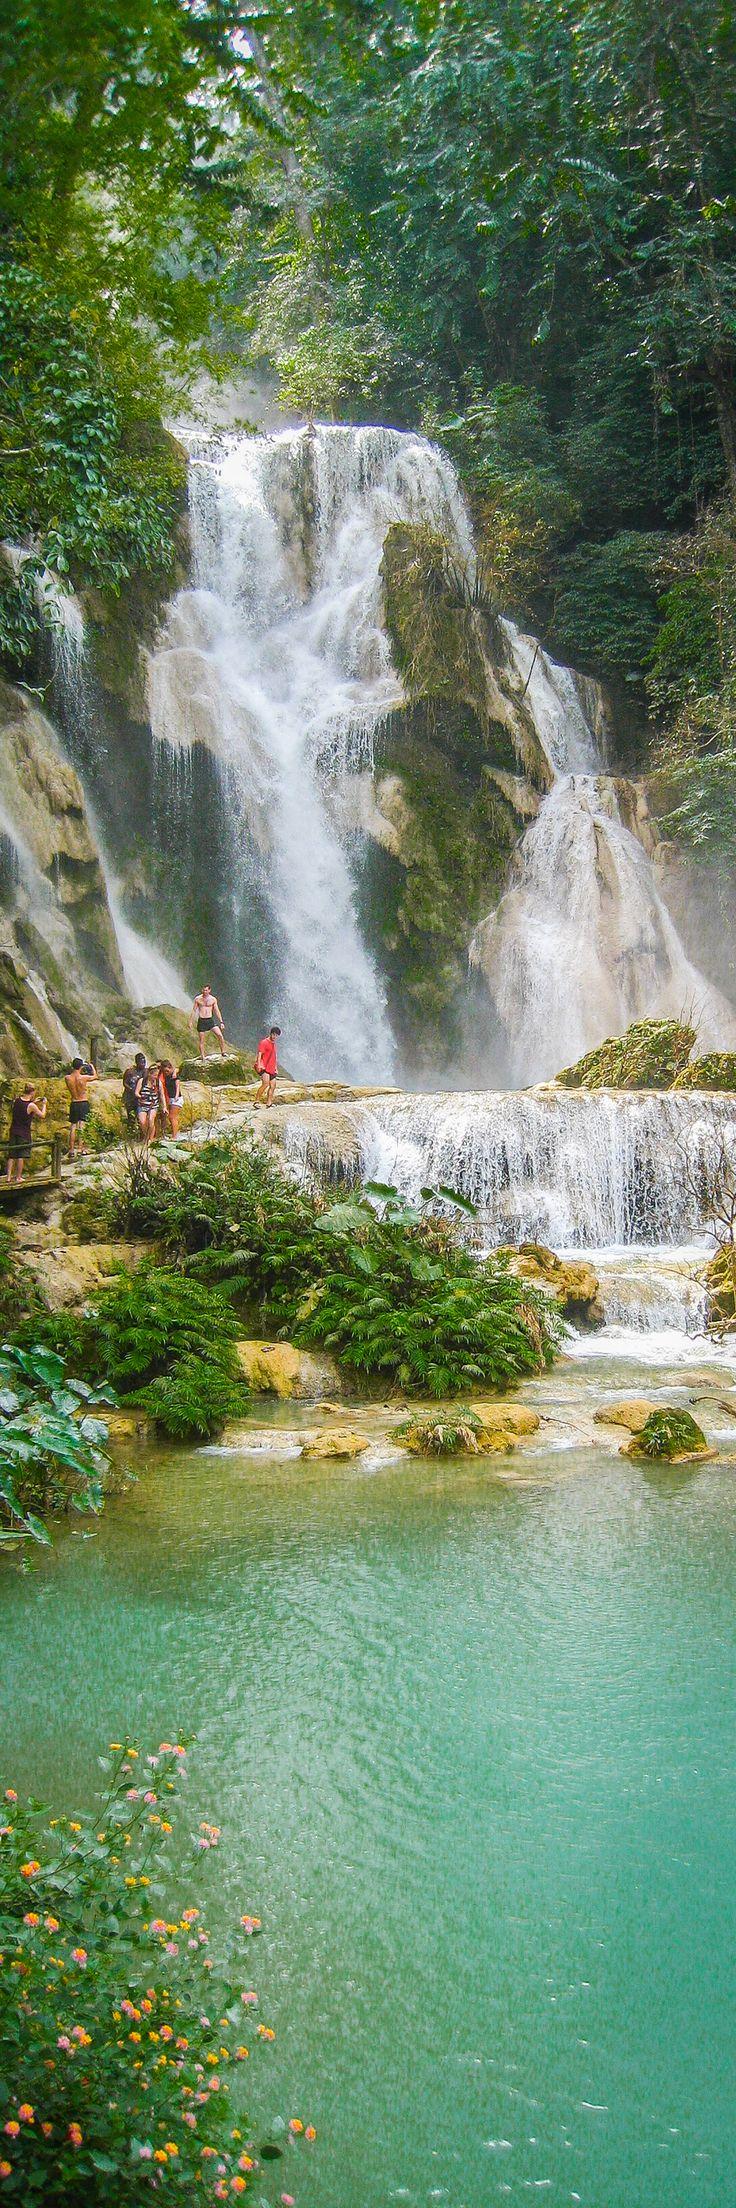 Kuang Si Se cae a Luang Prabang: La Cascada más hermosa Usted Alguna vez ha Visto Baños profundamente azules de agua en Caídas de Kuang Si. Perfecto para natación